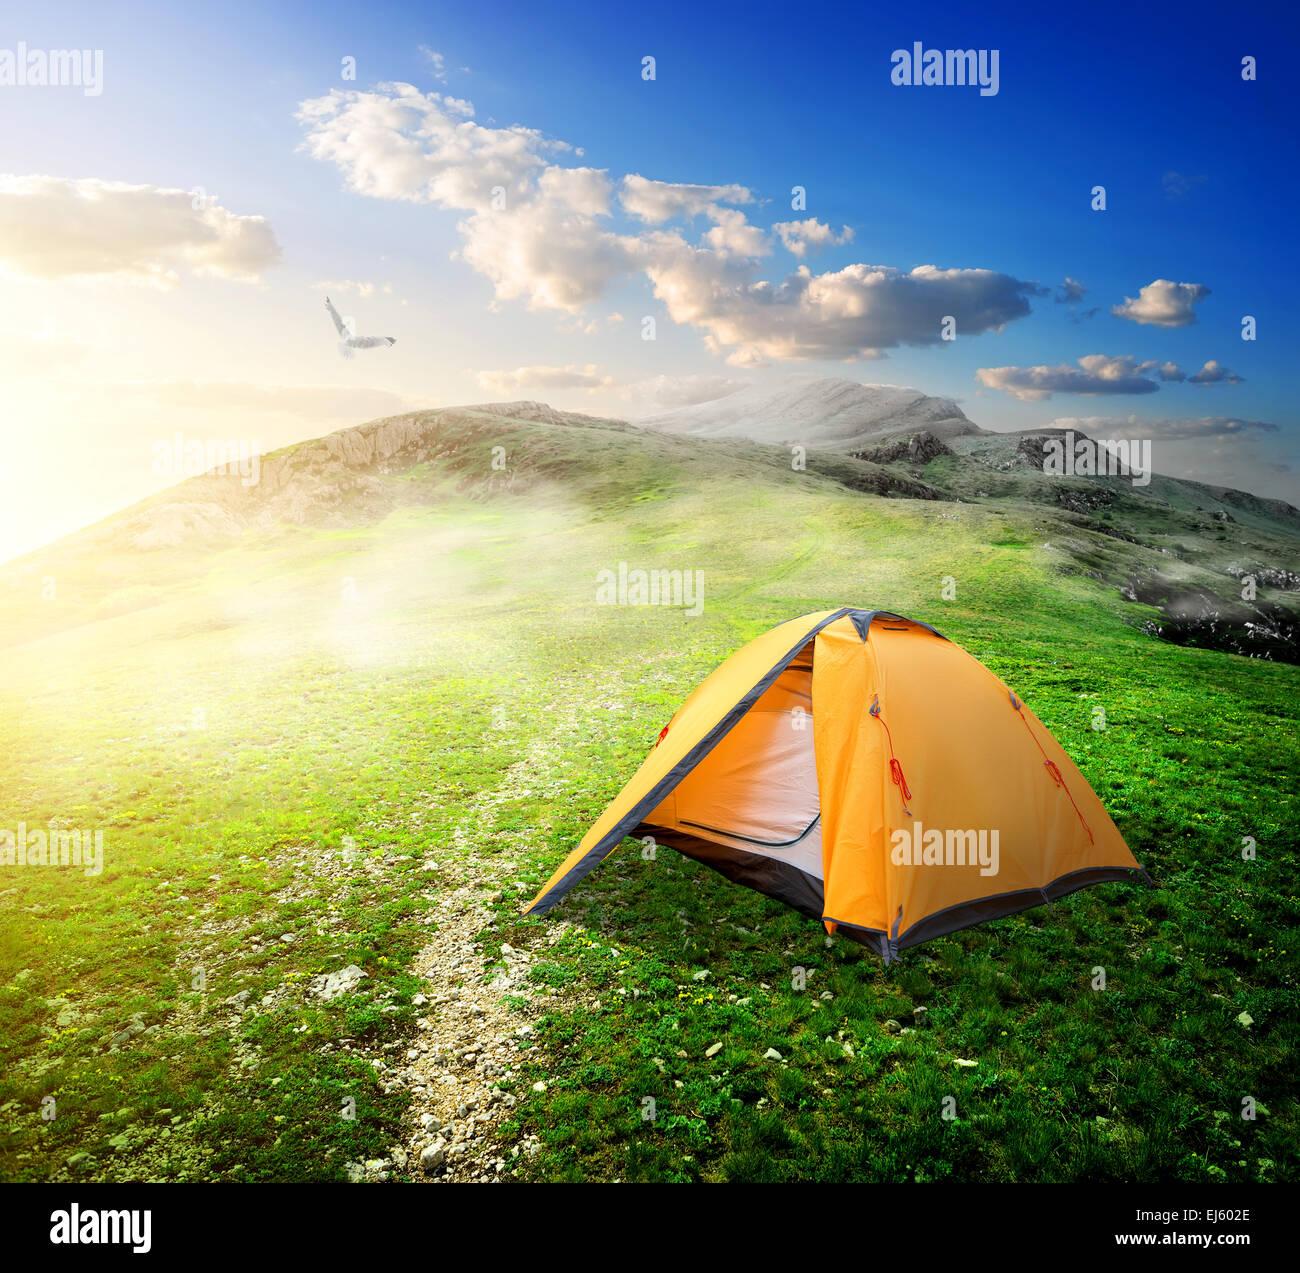 Tenda turistico nella valle di montagna in primavera Immagini Stock